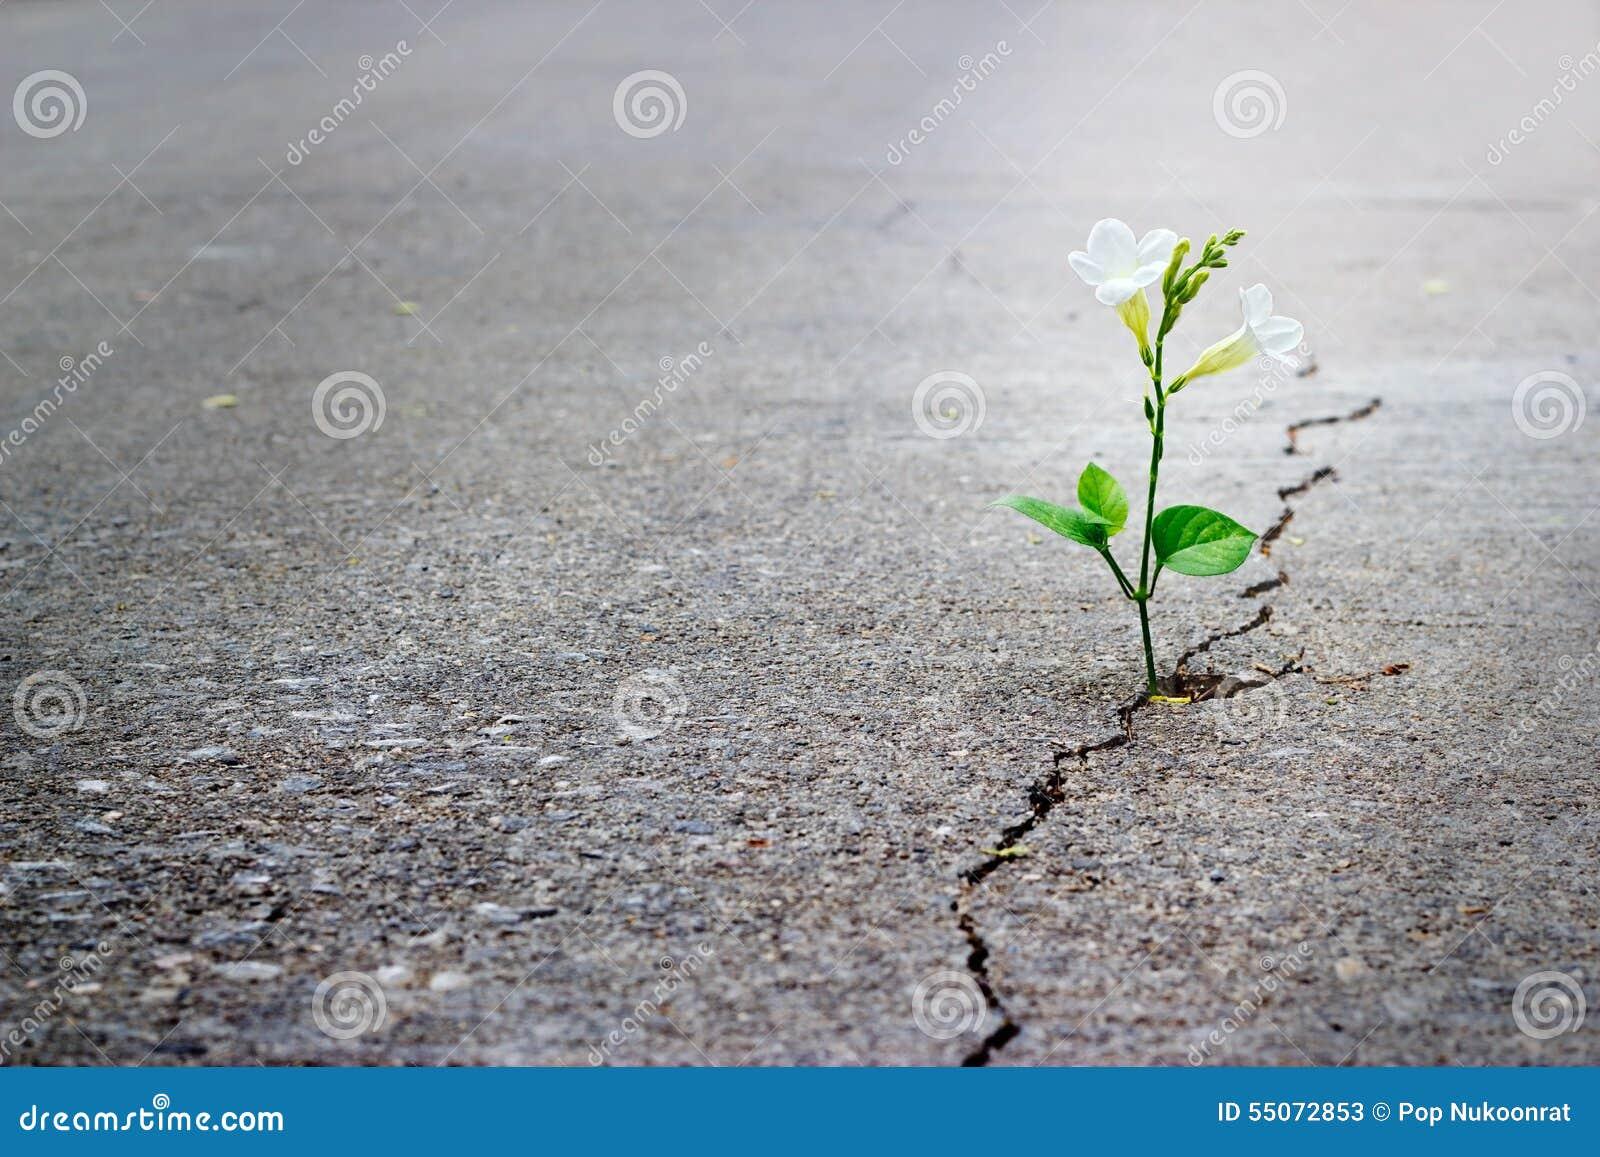 Weißer Zierpflanzenbau auf Sprungsstraße, Weichzeichnung, leerer Text